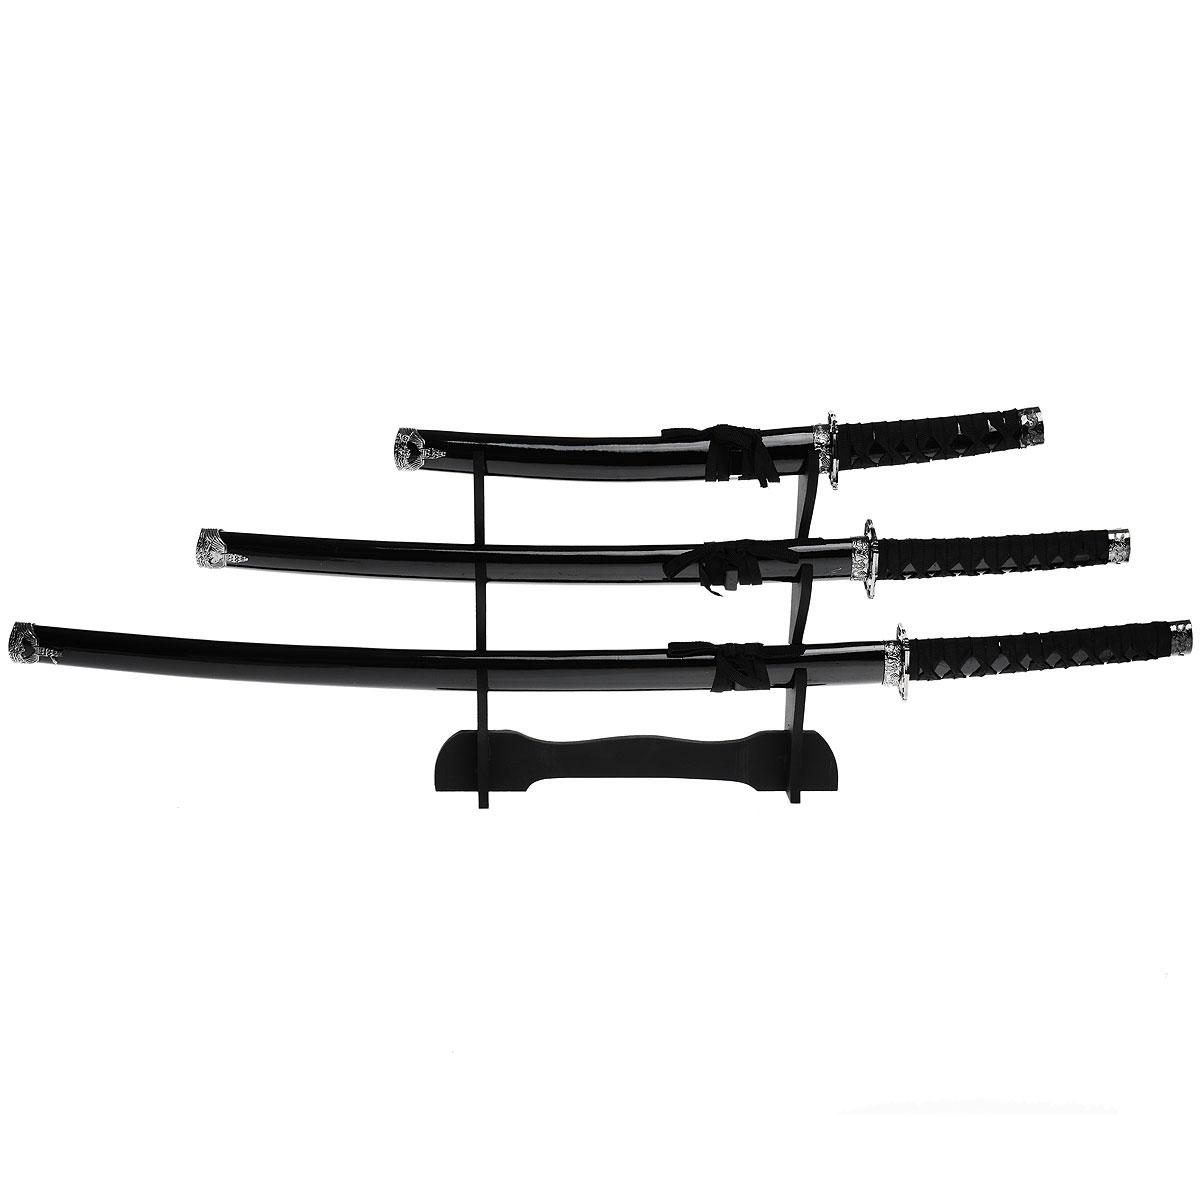 Набор самурайских мечей на подставке, 3 шт. 454263454263Самурайский меч соединяет в себе духовный и материальный миры, физическое и духовное начало... Набор самурайских мечей состоит из длинного меча - катаны, среднего - вакидзаси и короткого меча - танто. Изготовлены они в традиционном японском стиле из стали, ножны украшены плетением из текстильного шнурка. Этот набор - изысканный подарок поклонникам культуры Востока и прекрасное дополнение интерьера вашей квартиры или офиса. В качестве настенного украшения самурайские мечи использовались еще с древности, знаменуя собой подвиги славных предков. Благодаря специальной подставке, вы можете не только повесить мечи на стену, но и поставить в любое удобное для вас место. Характеристики: Материал: металл, пластик, дерево, текстиль. Длина мечей: 100 см; 81 см; 54 см.